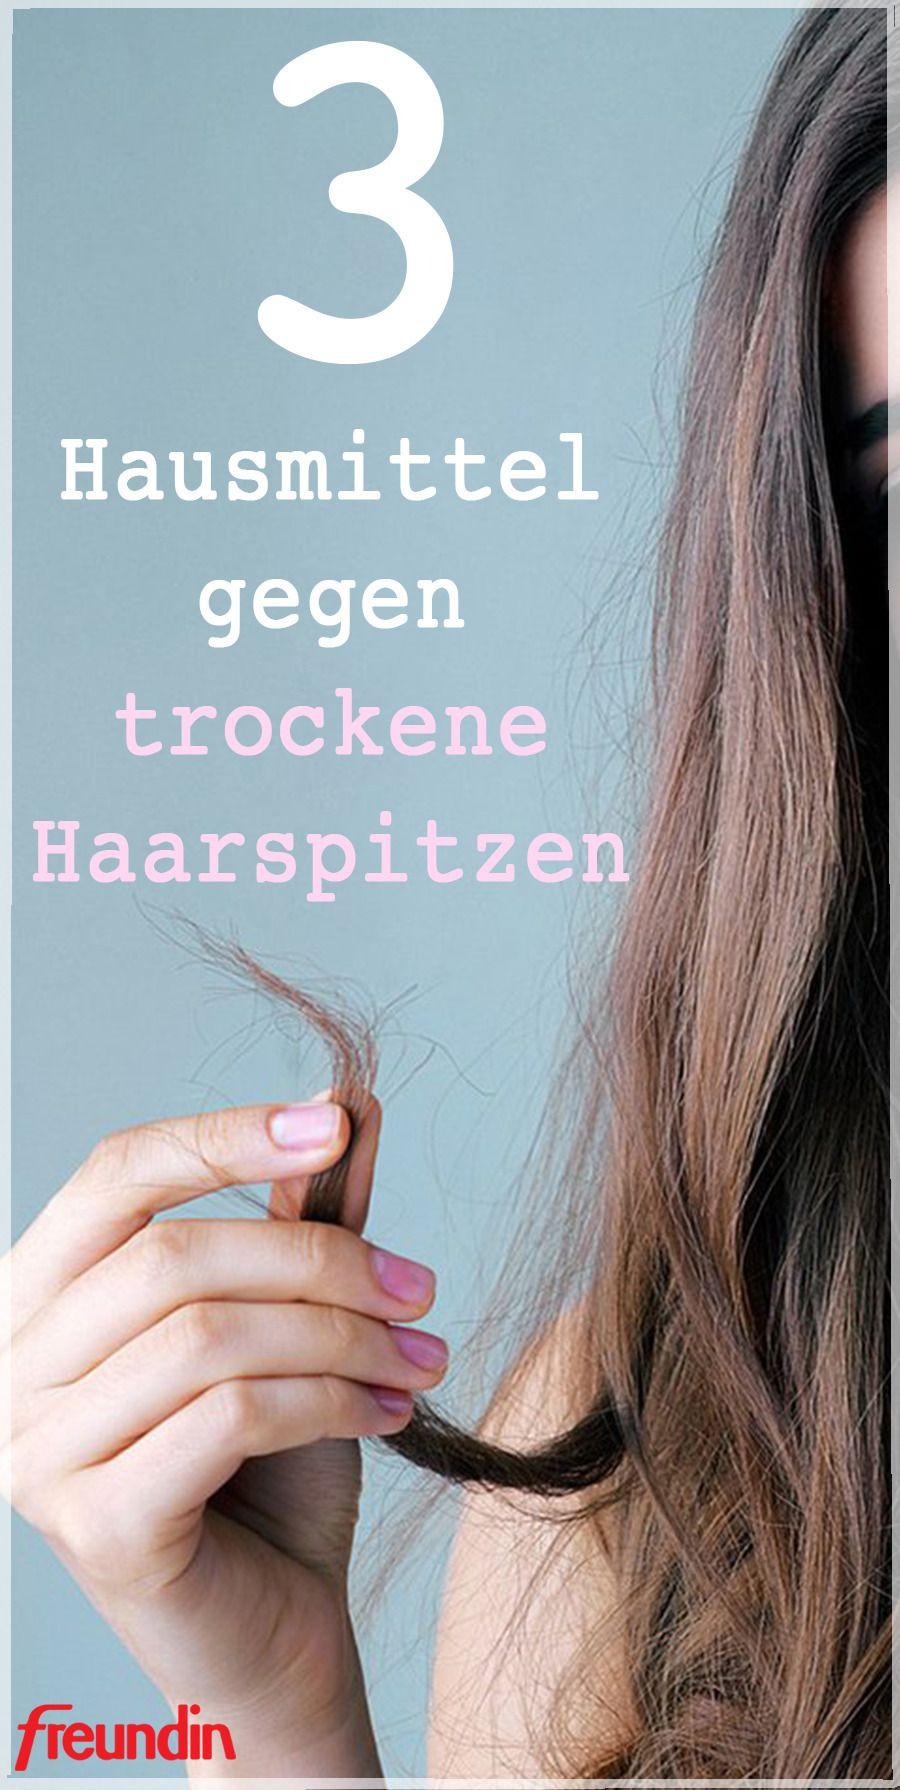 Trockene Haare: Diese 4 Pflegeprodukte helfen + Rezept für DIY-Haarkur